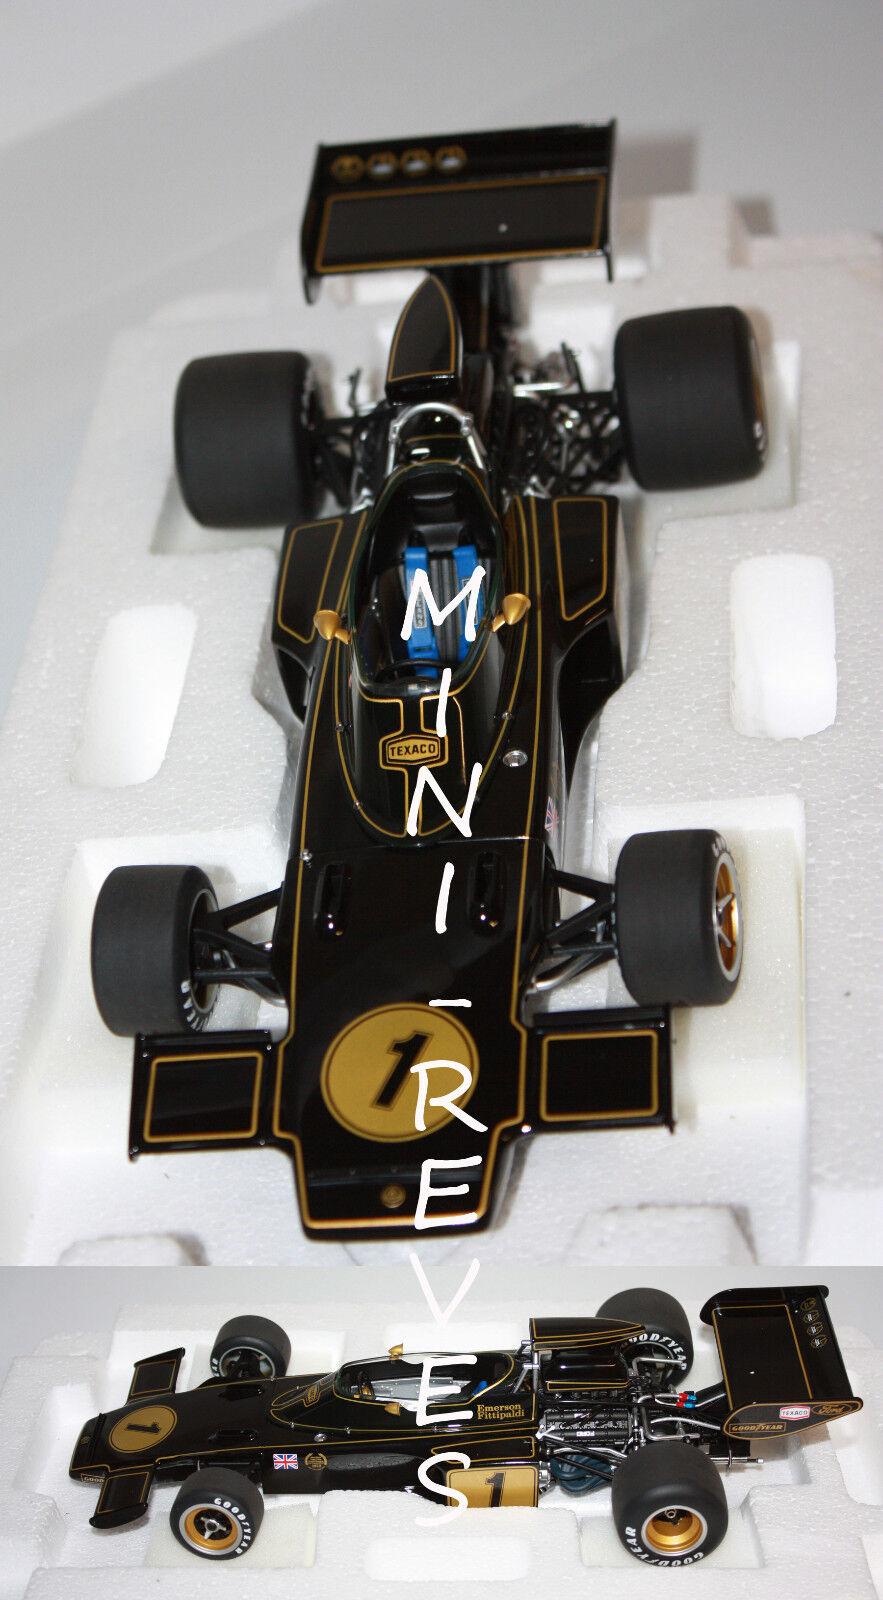 Autoart F1 Lotus 72e 1973 E.Fittipaldi 1973 1 18 87327 3